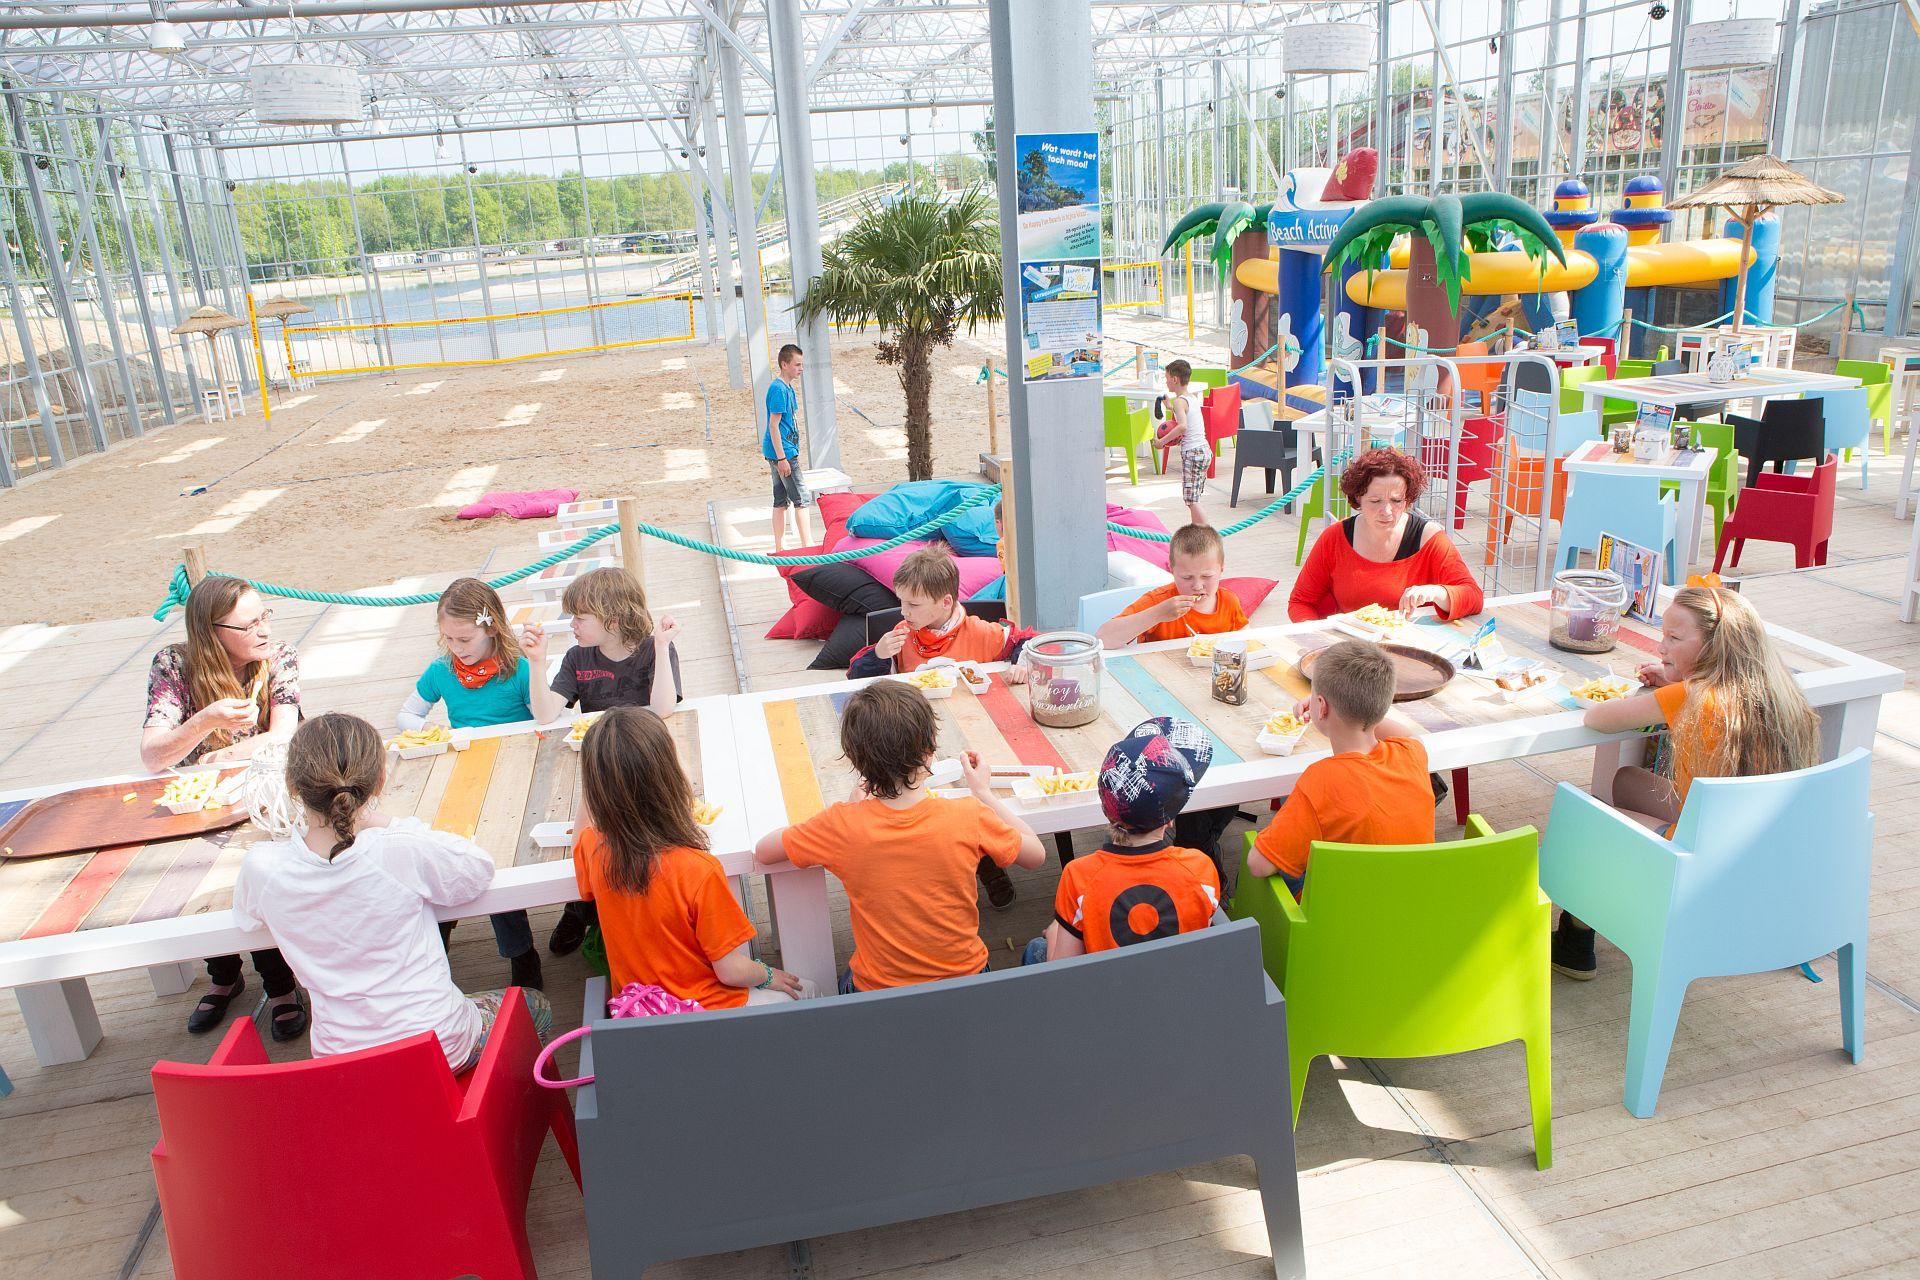 Kinderfeestje Dedemsvaart met vele leuke activiteiten! - Kinderfeestje in Dedemsvaart